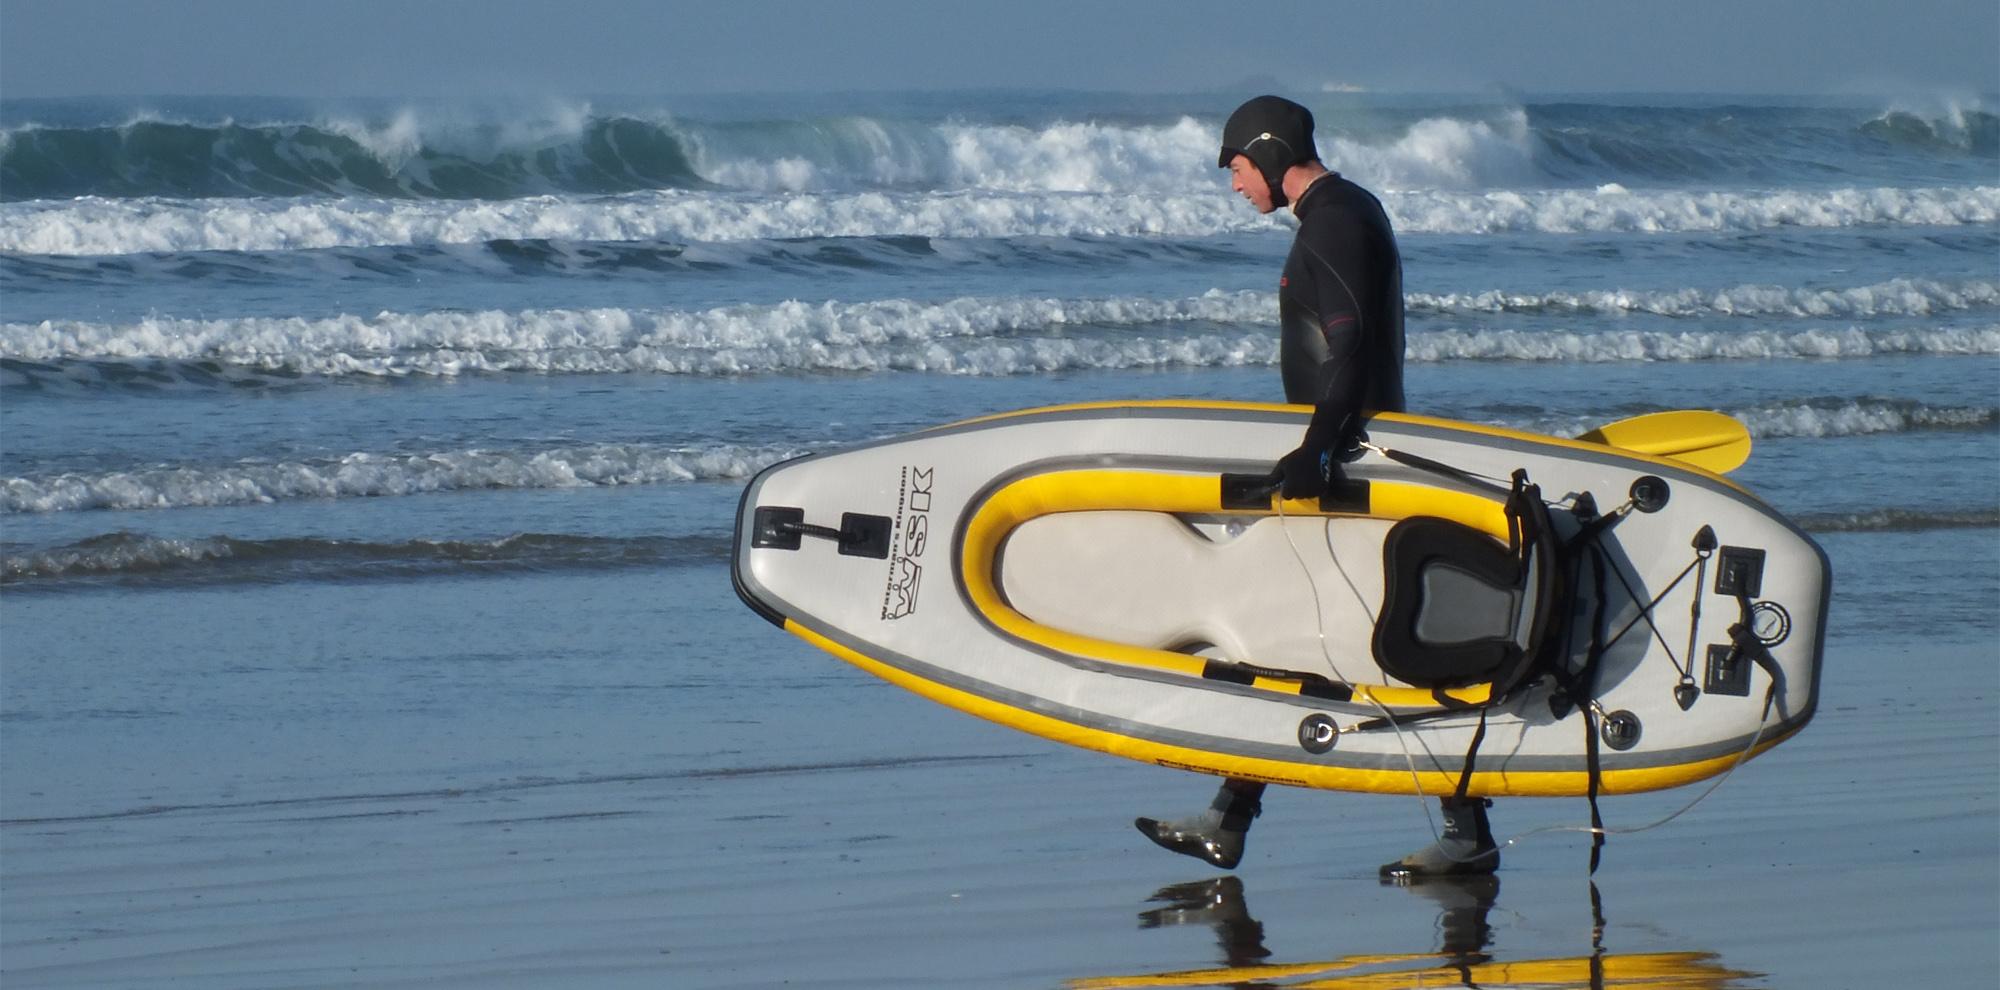 Des kayaks gonflables rigides